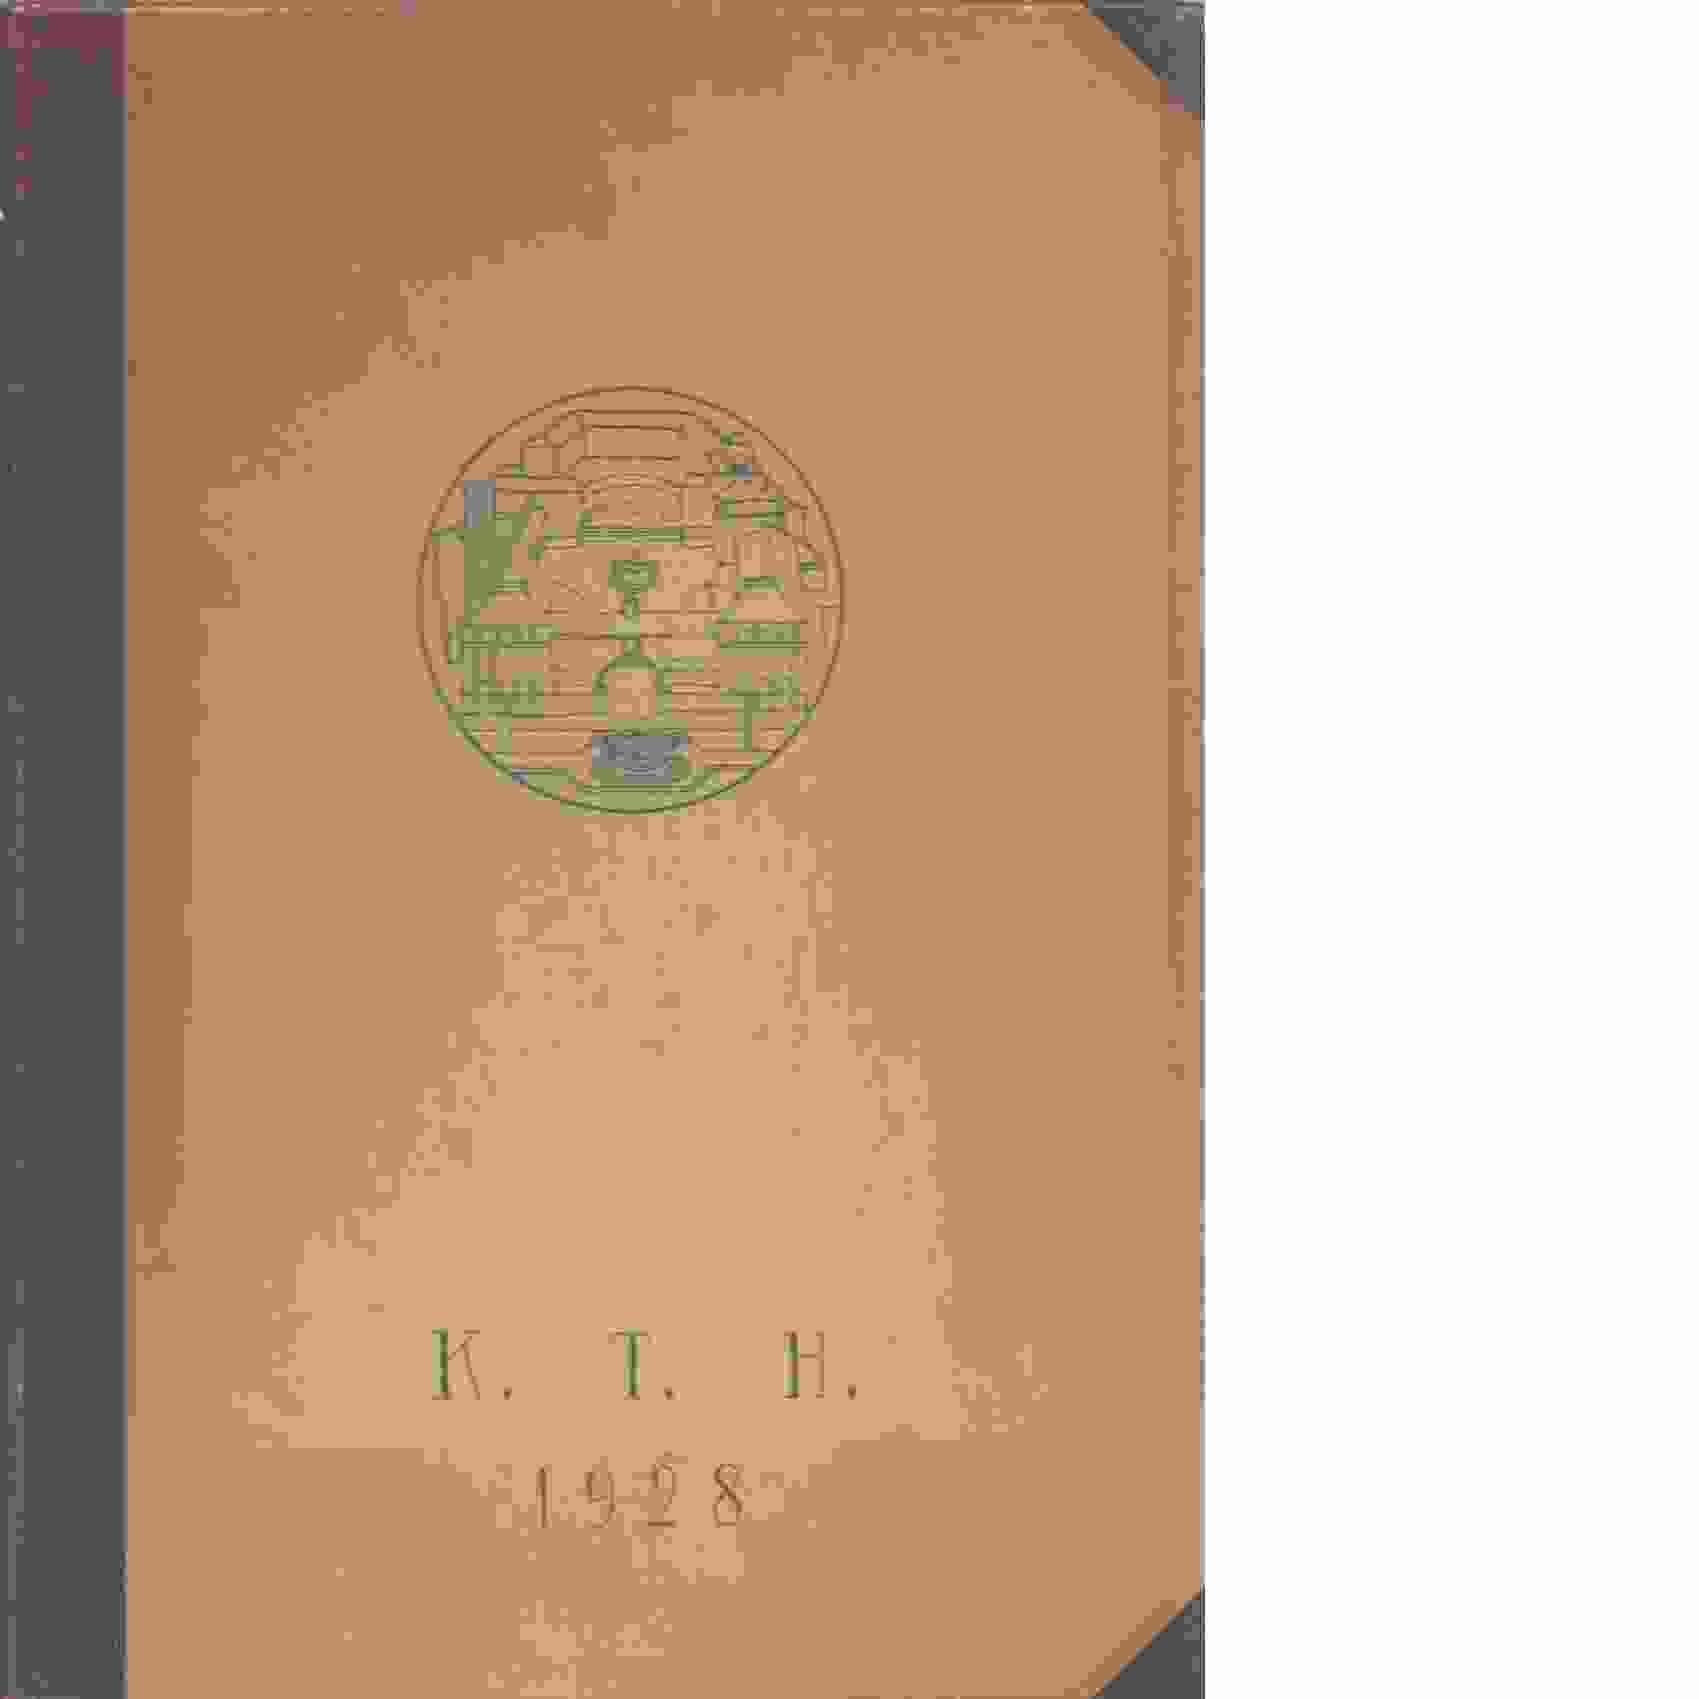 Fyrans album : 1928 / Kungliga tekniska högskolan - Red.